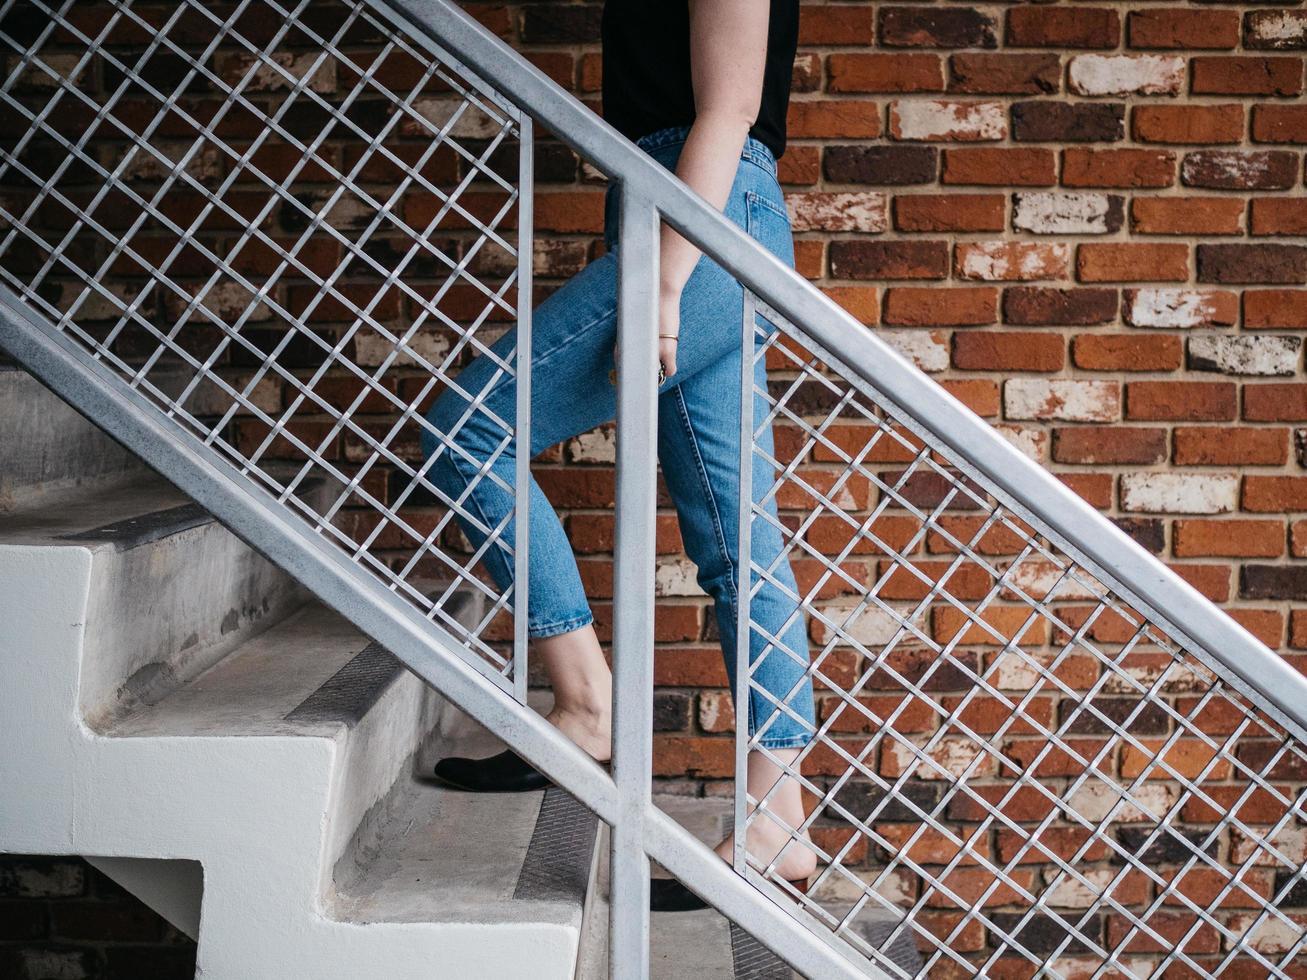 Femme qui marche dans les escaliers près de railling et mur photo